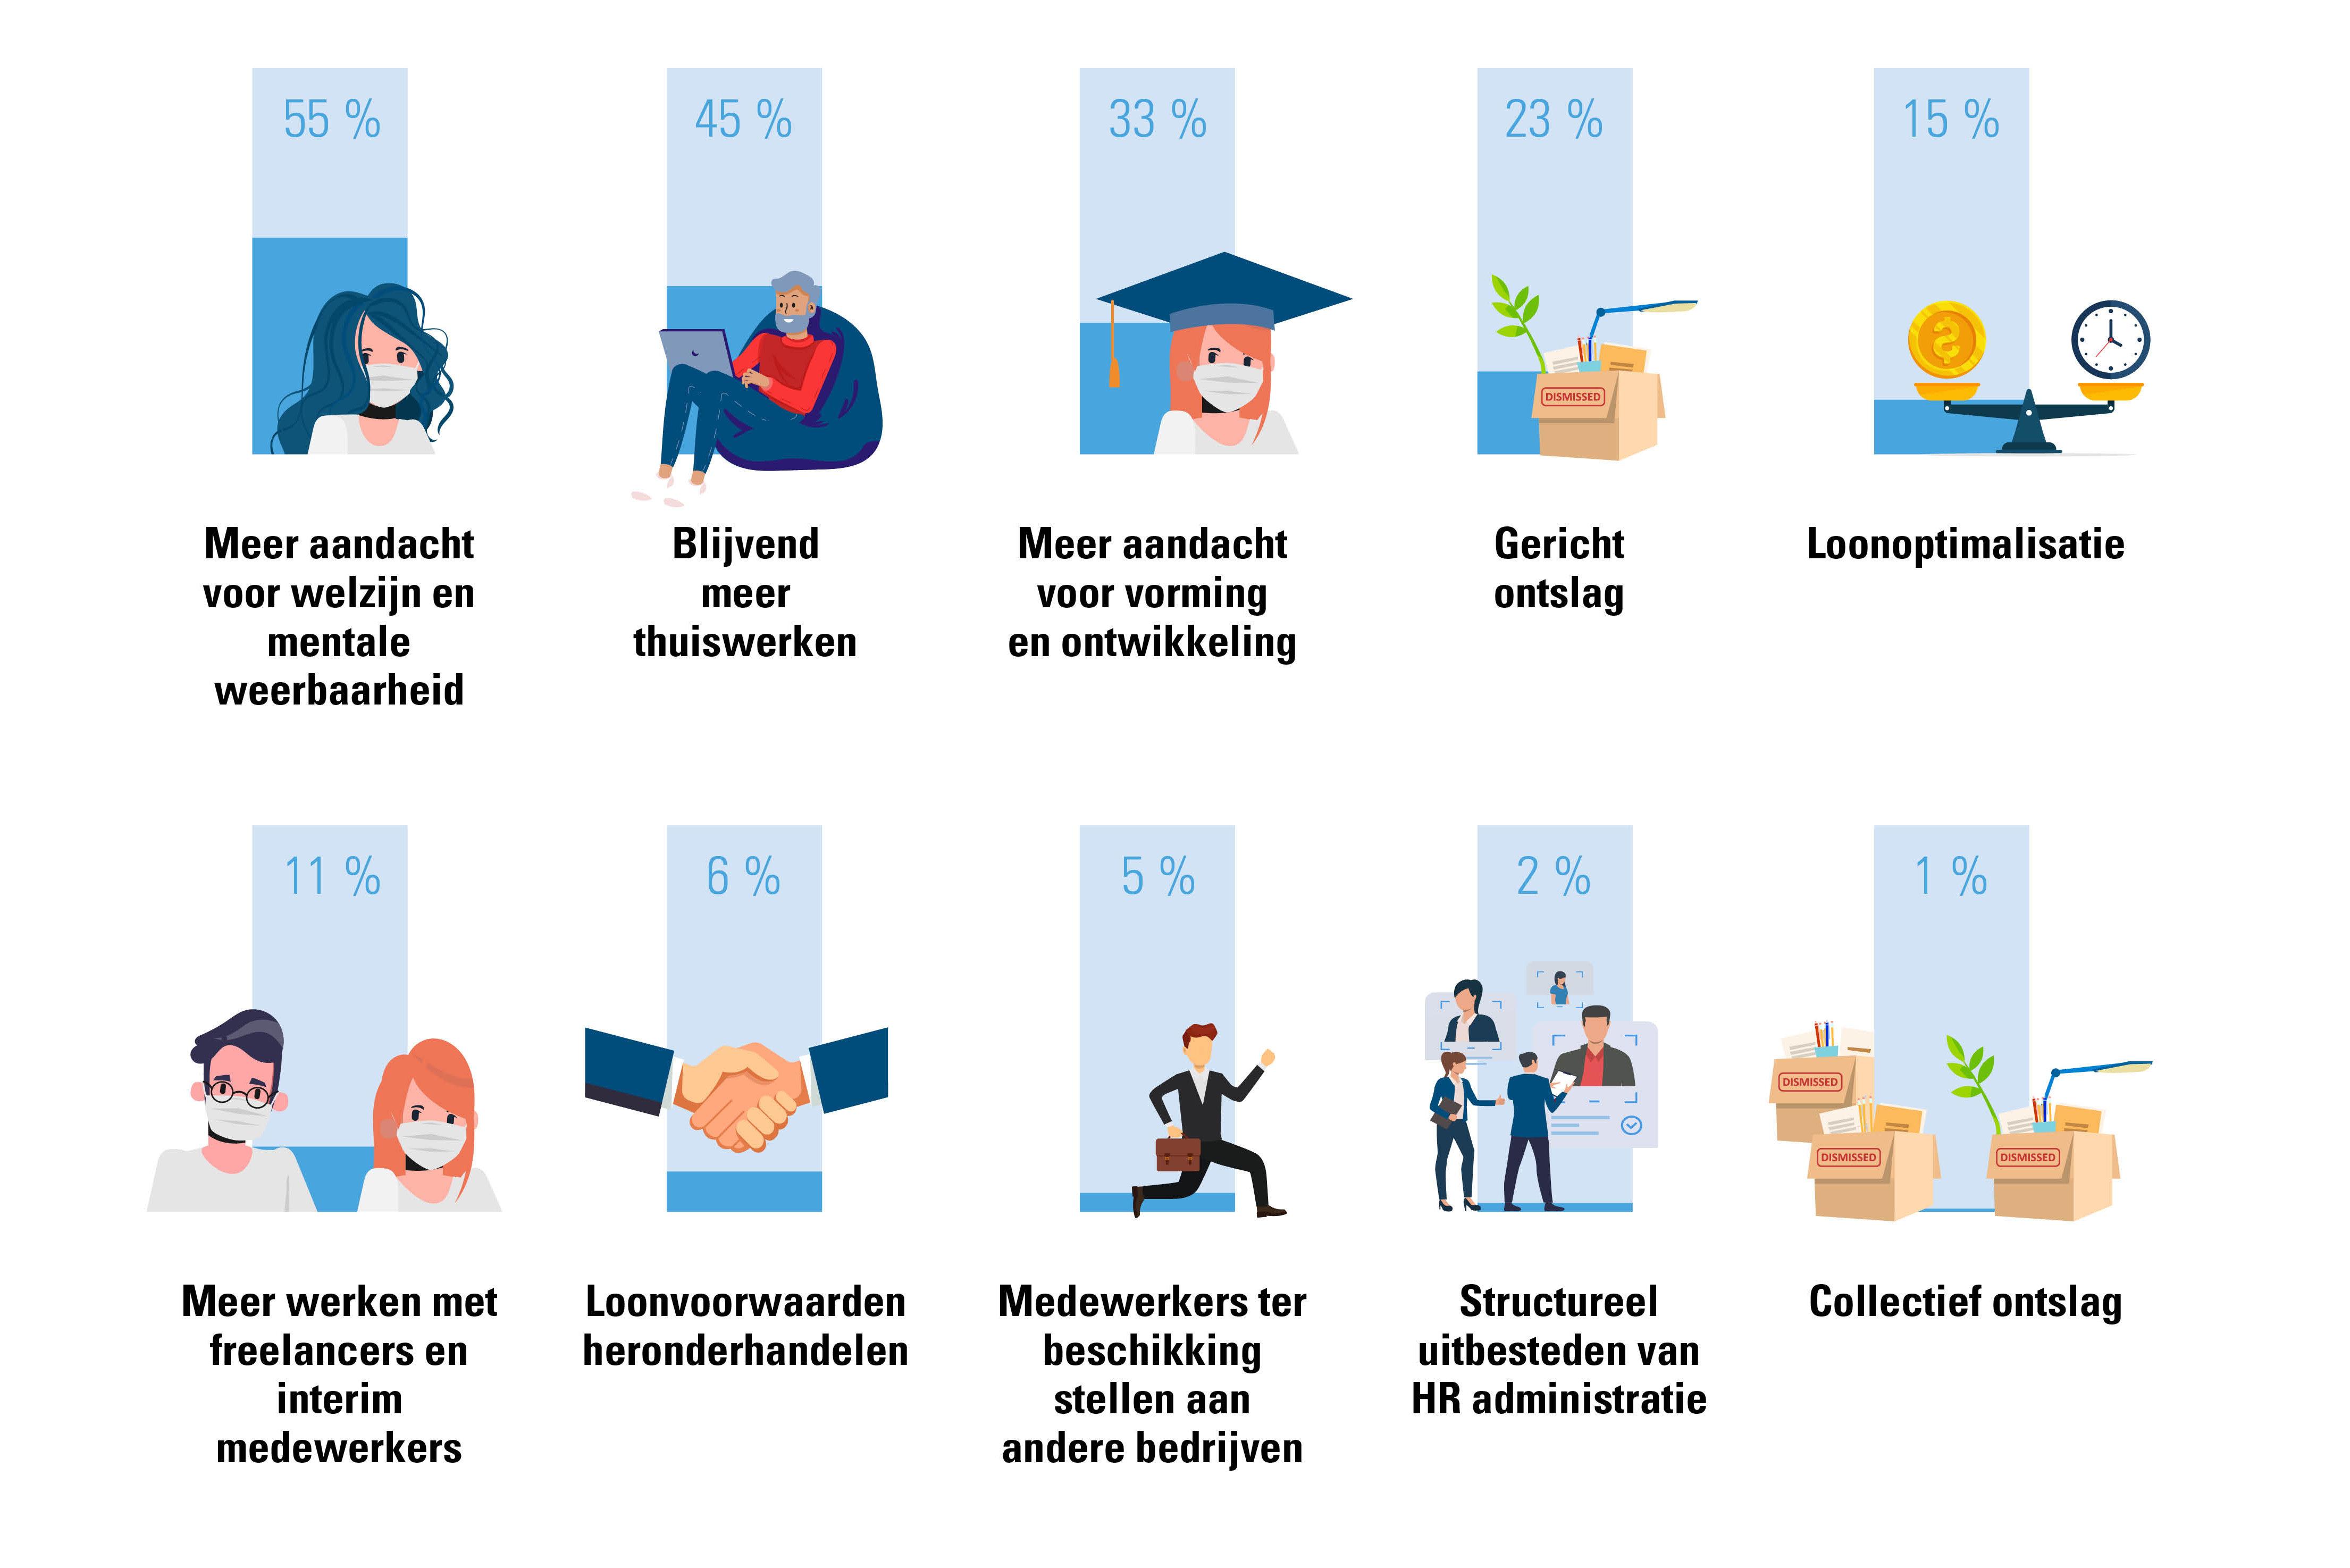 prioriteiten op het vlak van te nemen maatregelen bij ondernemingen